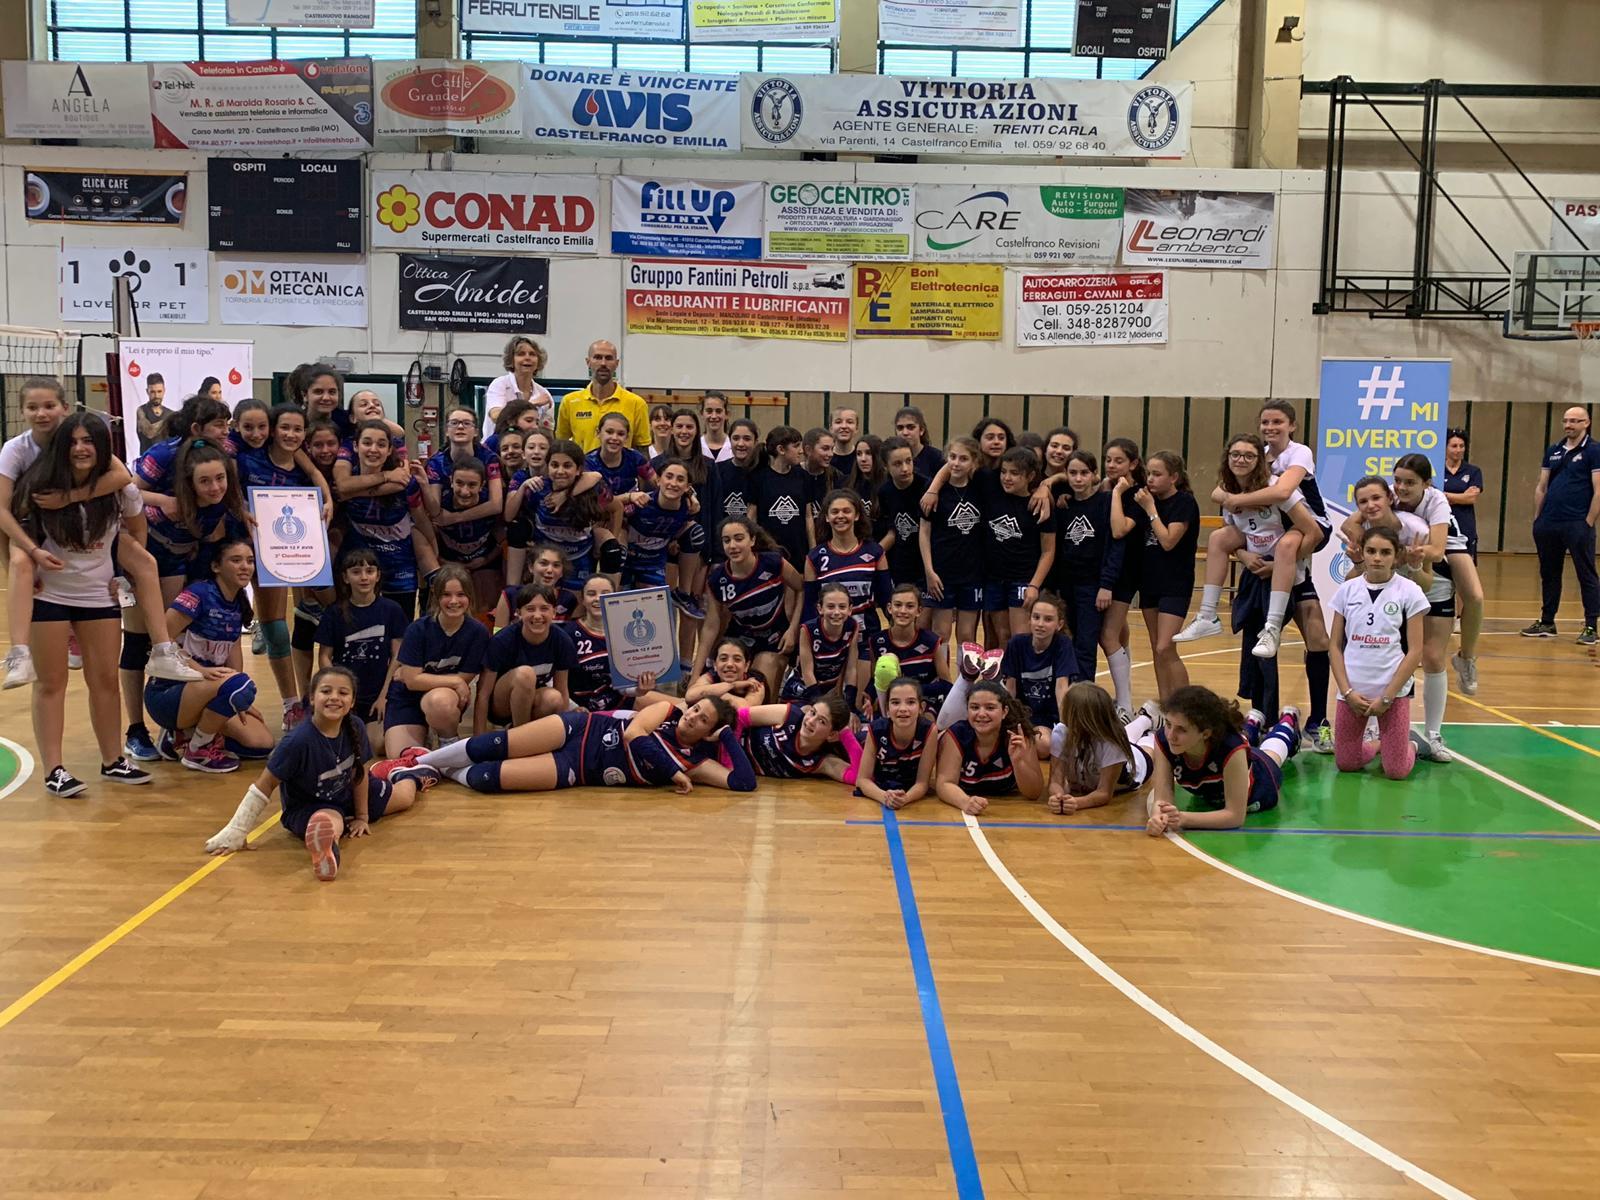 Volley Castelvetro Under 12 è campione provinciale!